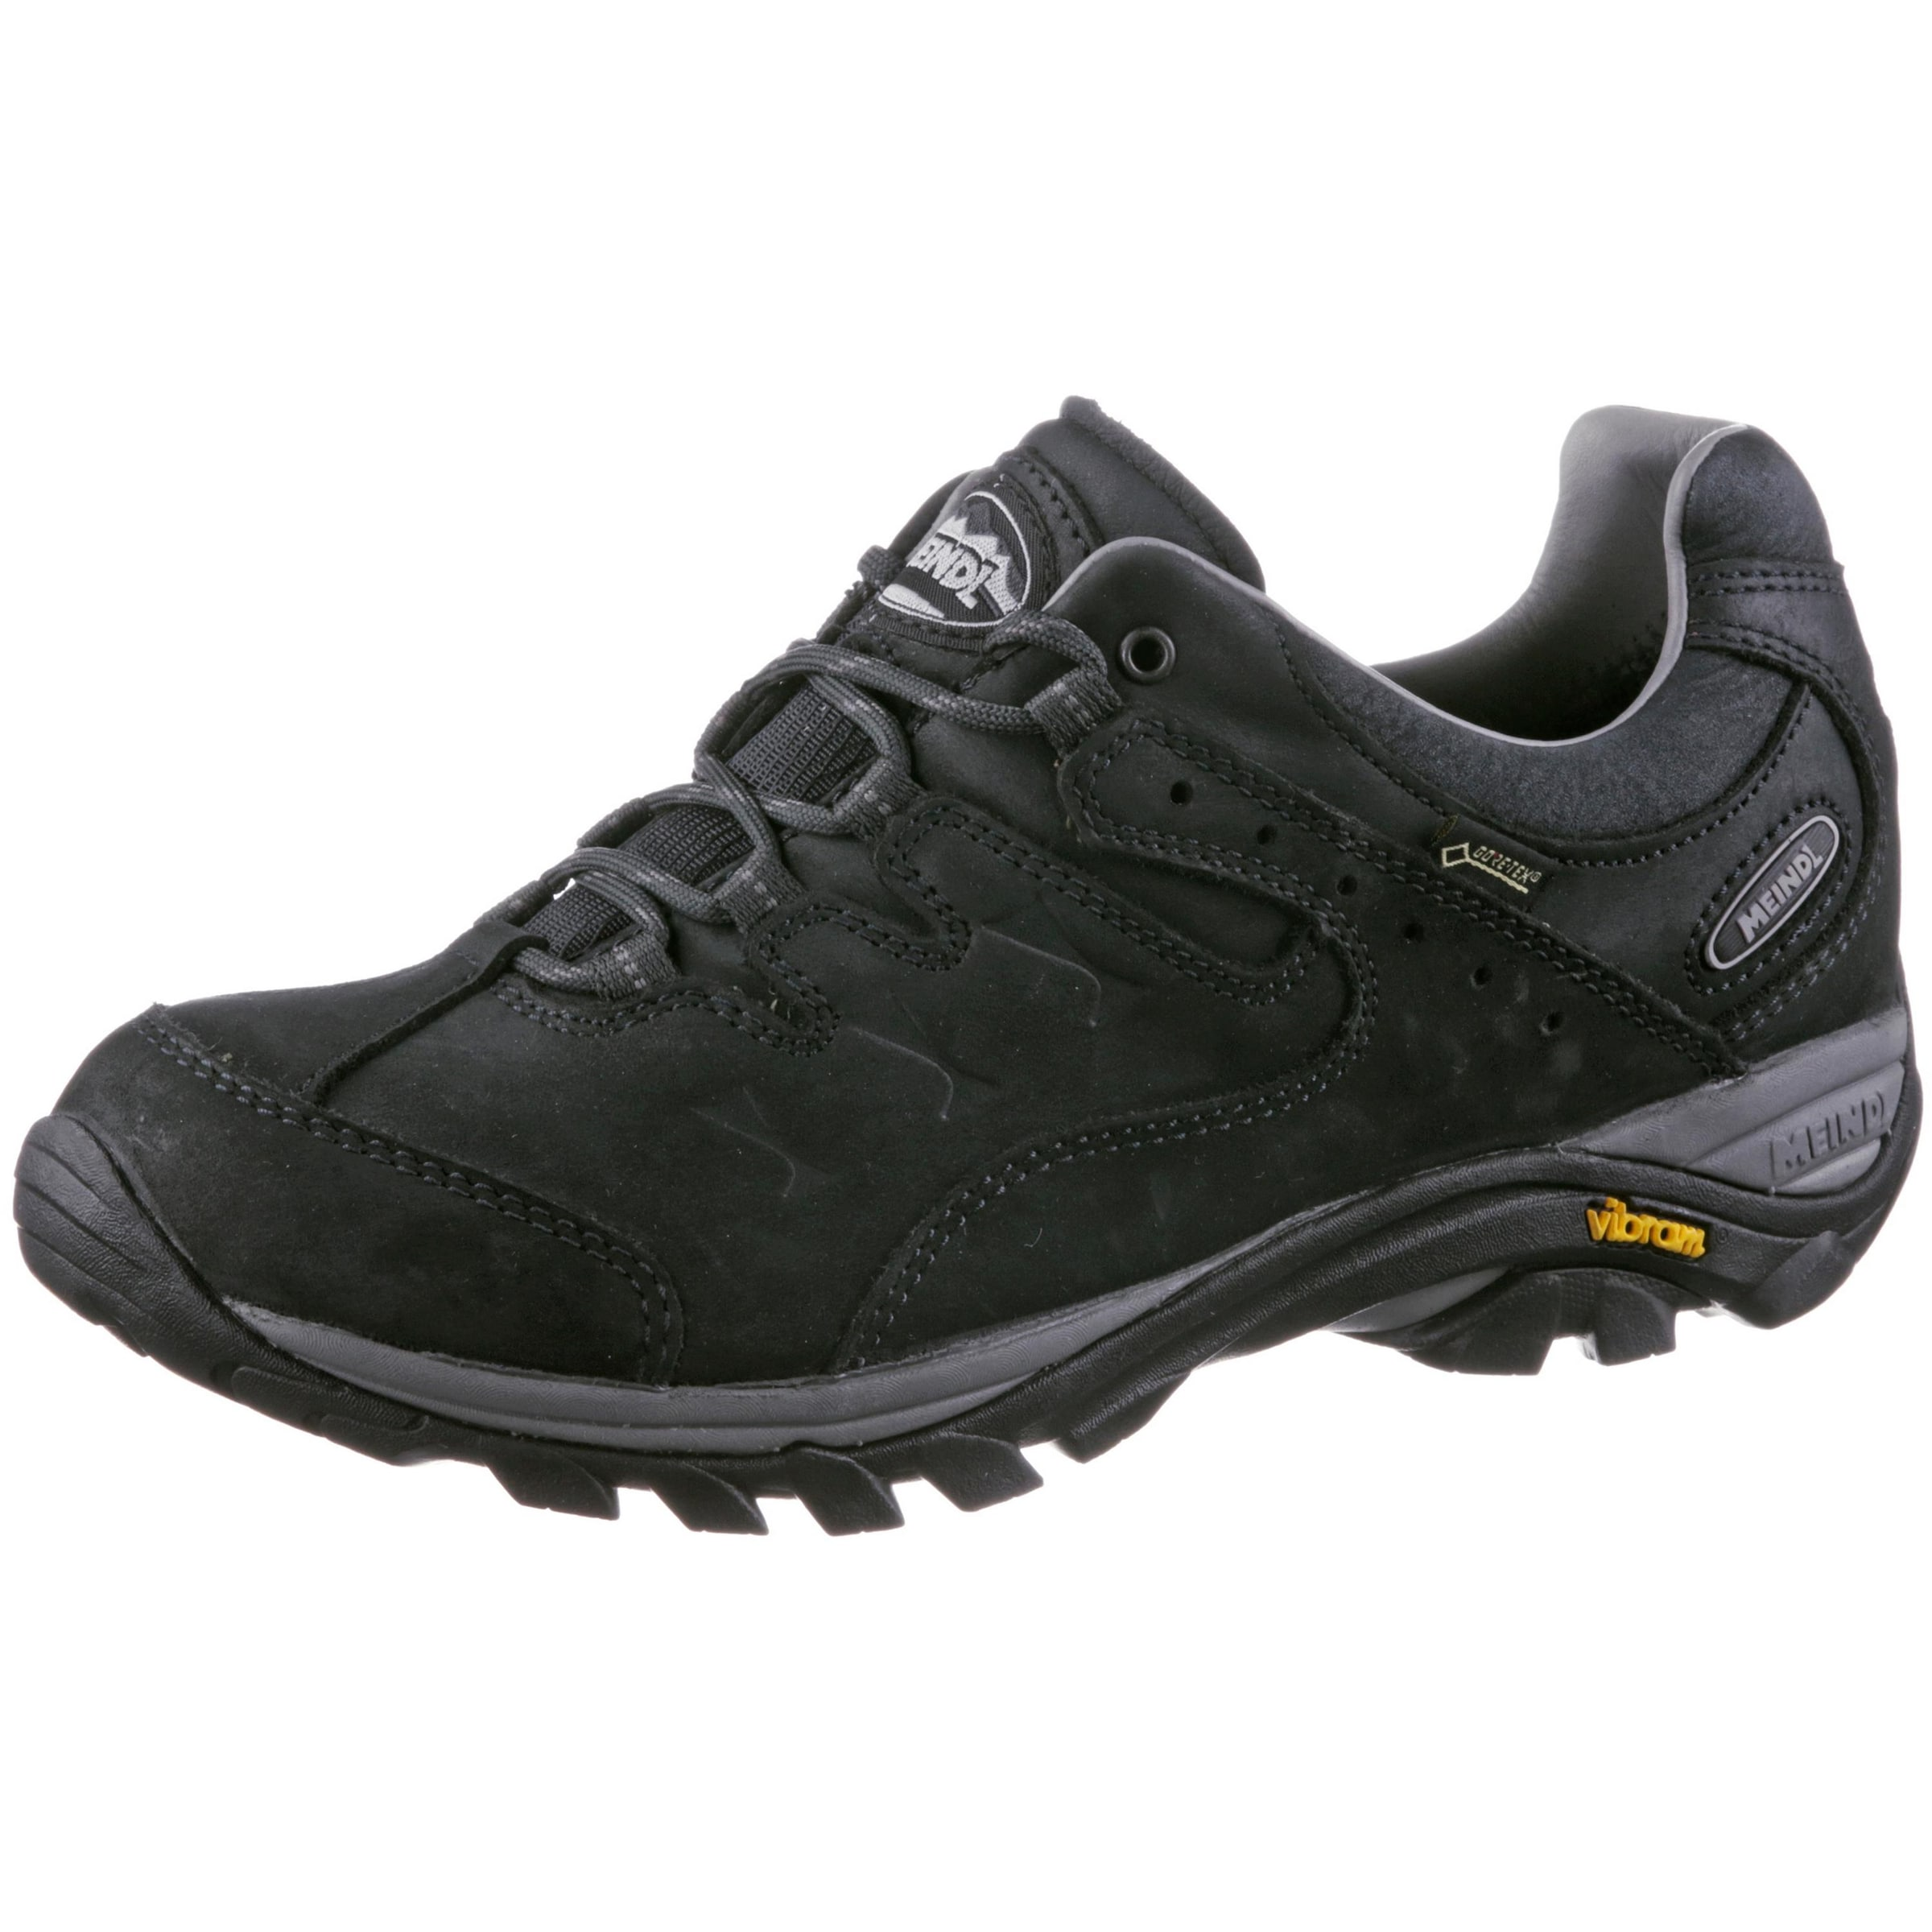 Verkauf 2018 Neue Meindl Damen Caracas GTX Schuhe Multifunktionsschuhe Trekkingschuhe Visa-Zahlung Zum Verkauf Footlocker Finish Online Rabatt Neue Ankunft Auslass Bestseller Zbm6M